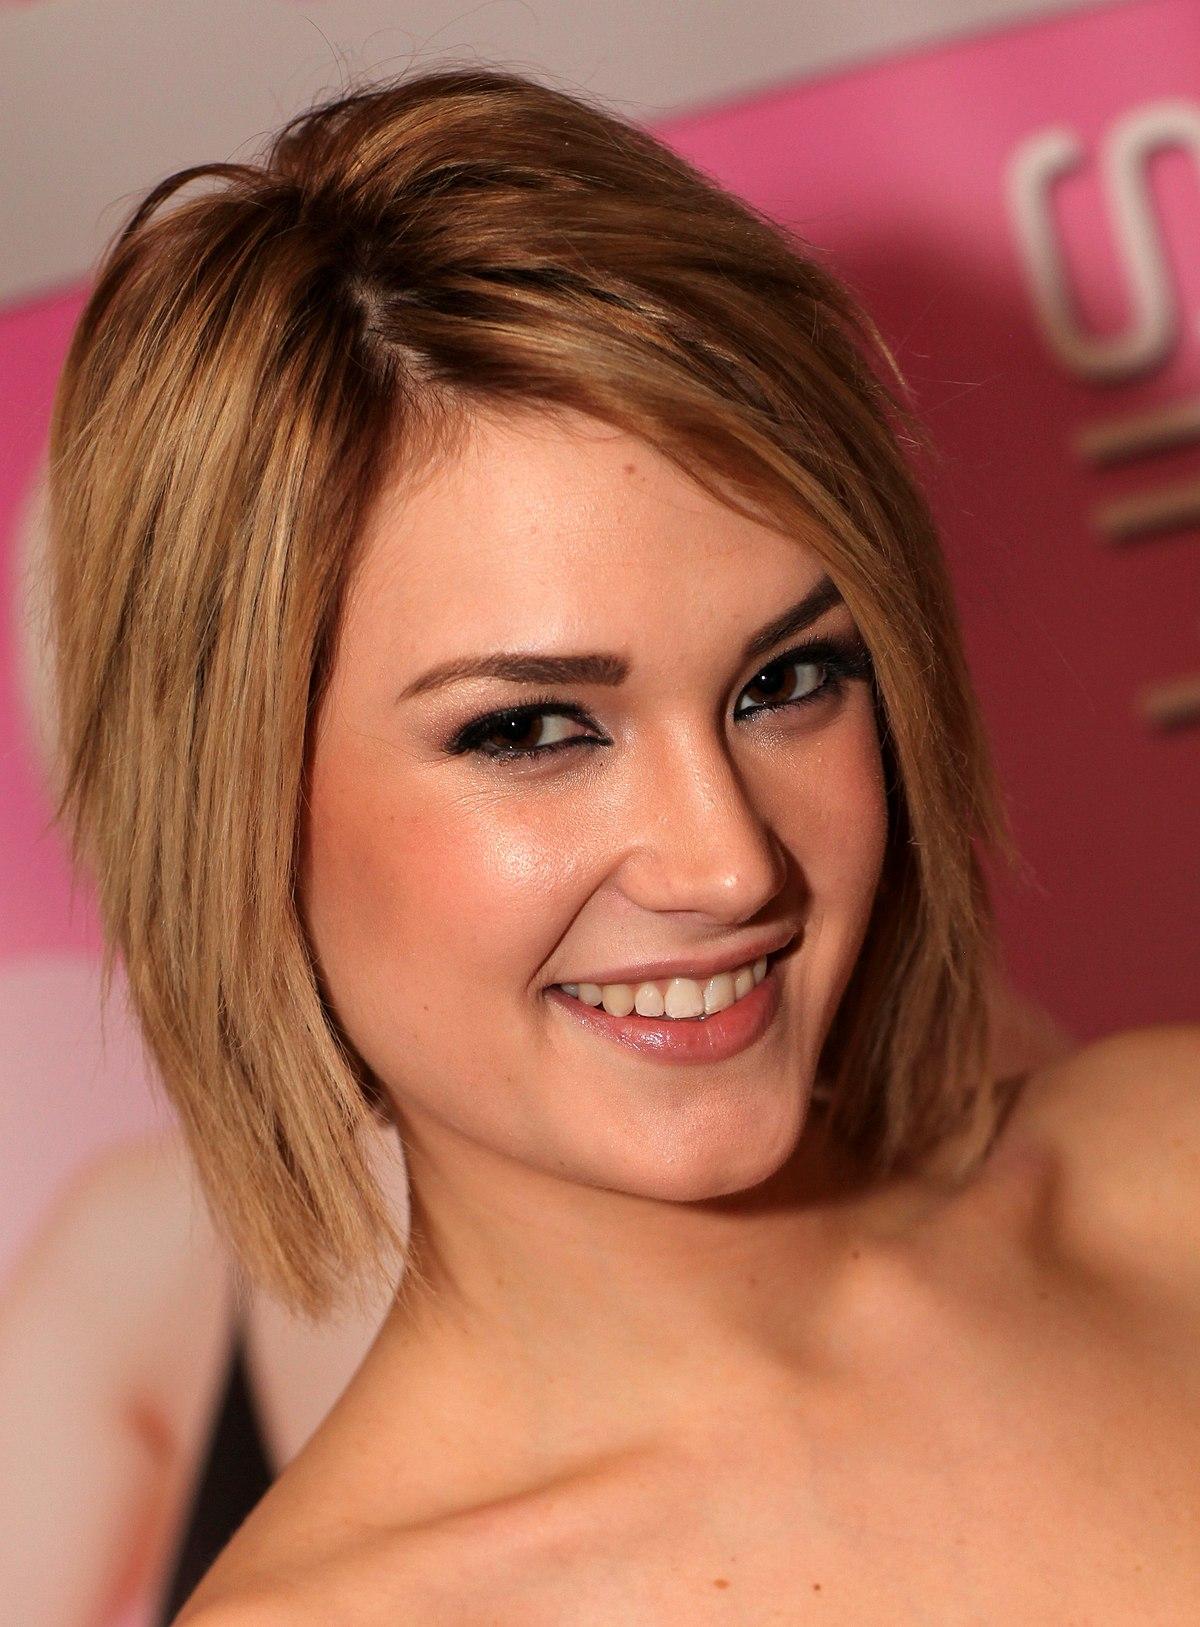 Siri porn actress